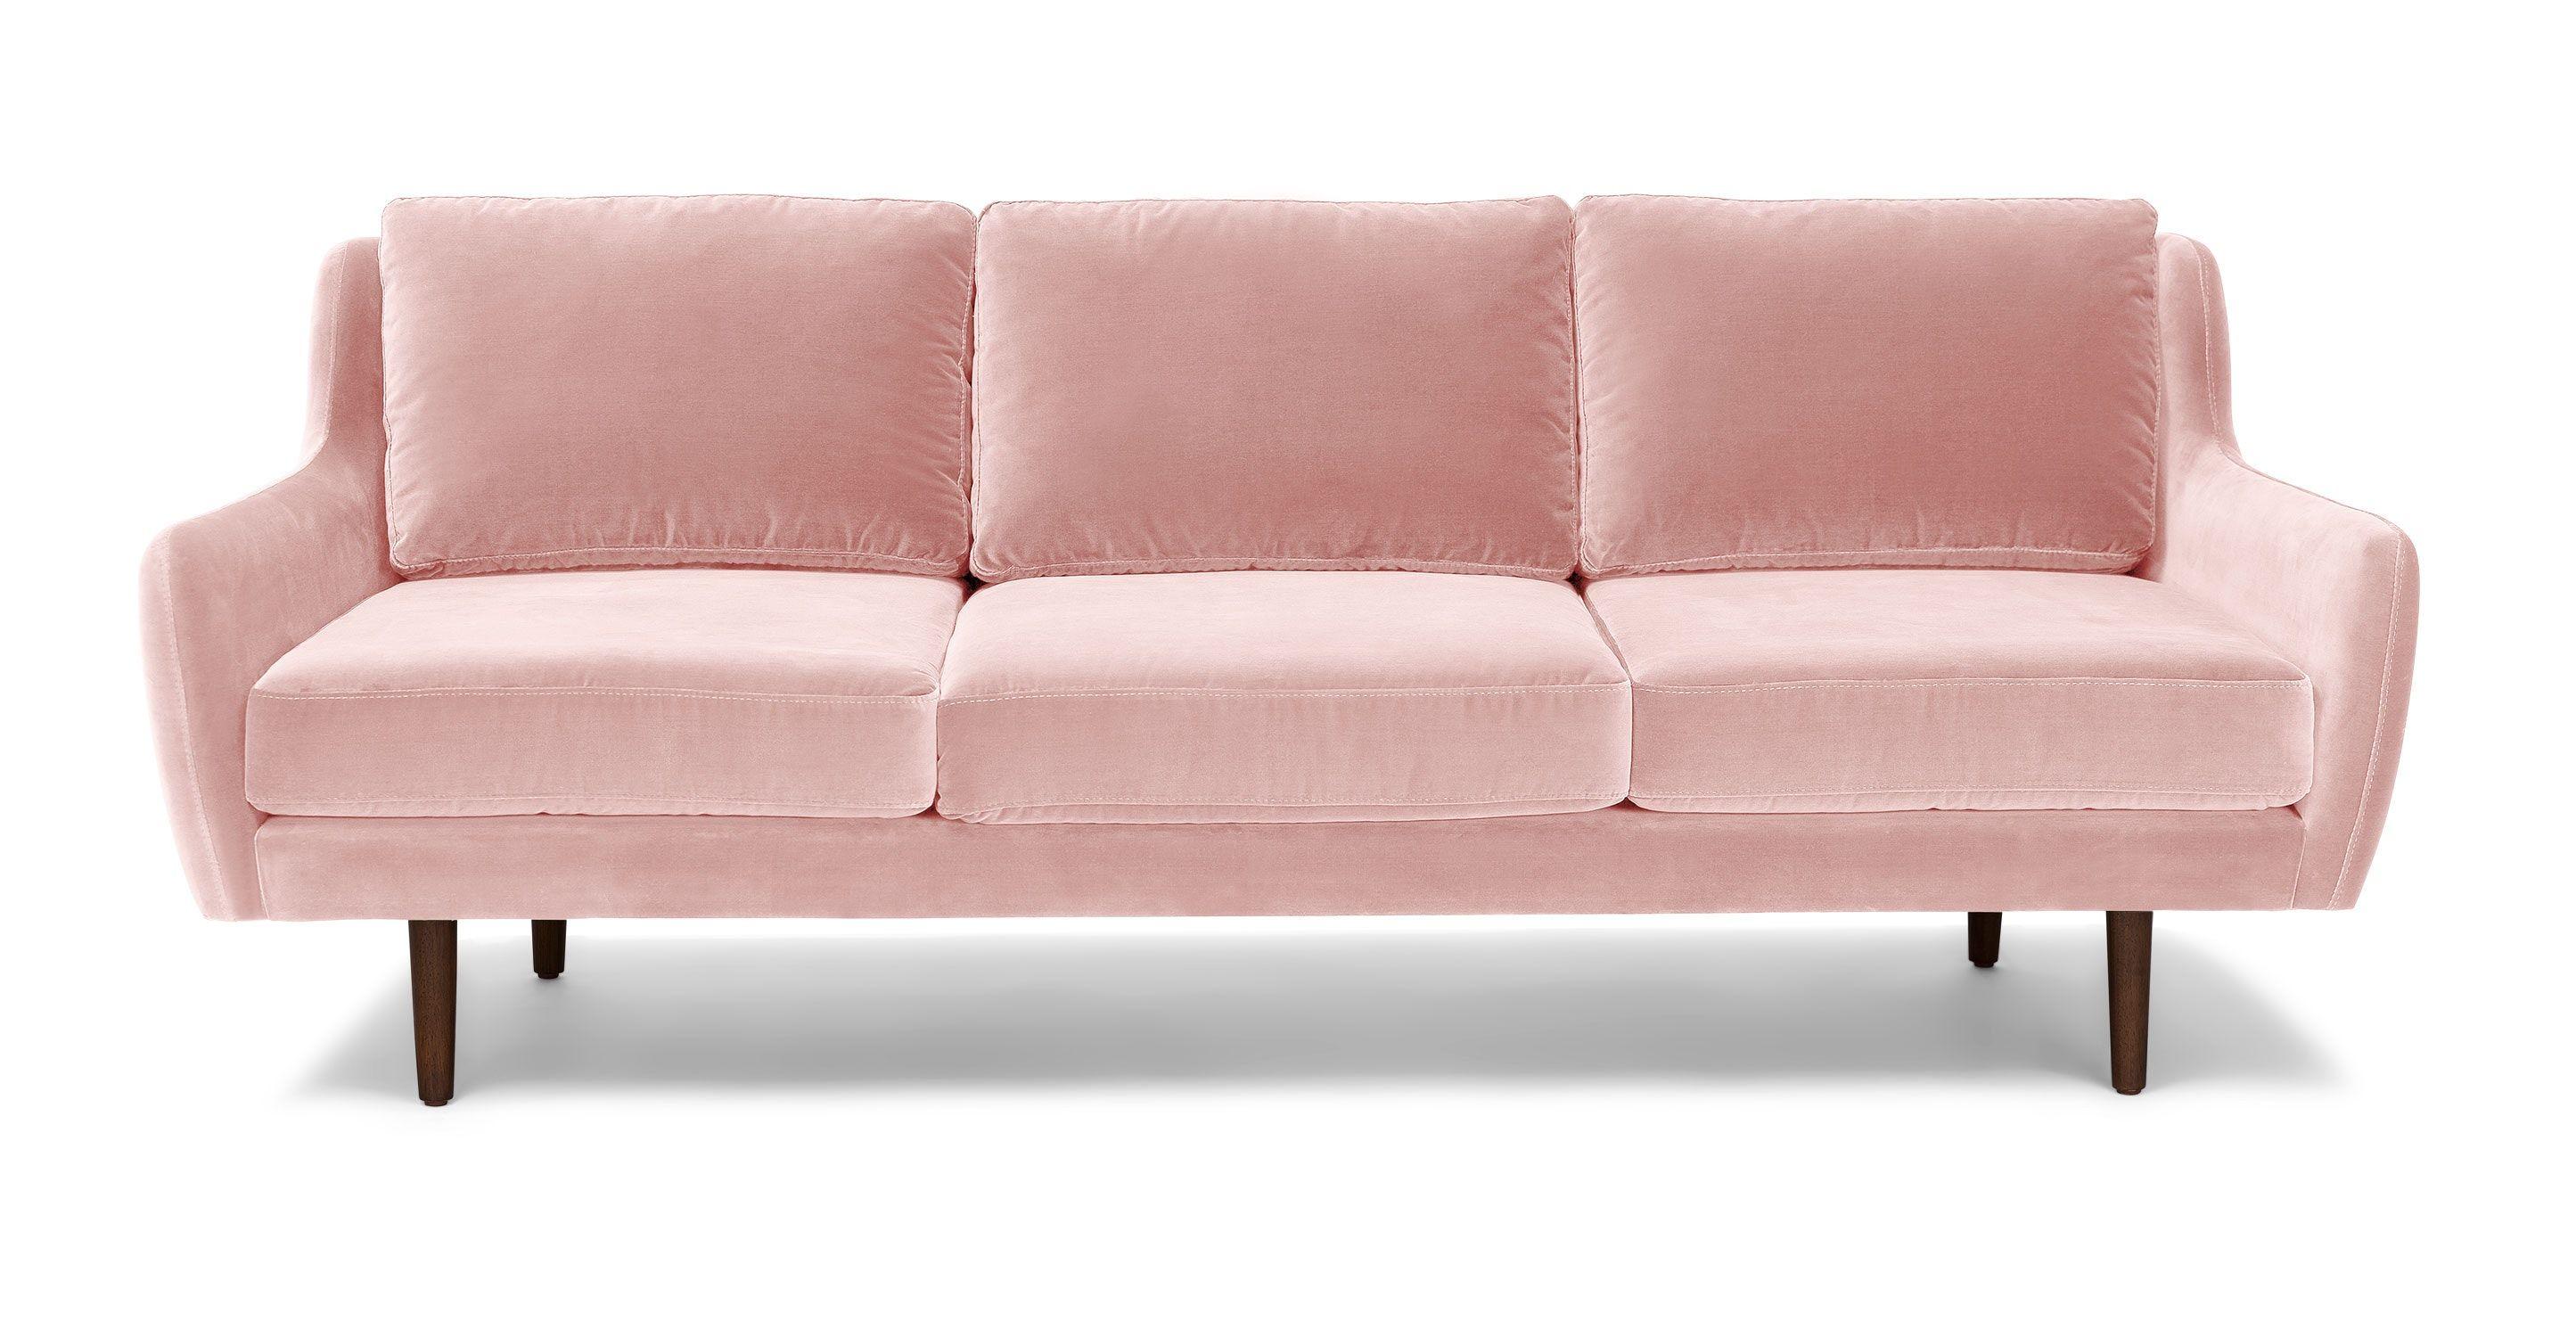 Swell Matrix Blush Pink Sofa In 2019 Furniture Pink Velvet Ncnpc Chair Design For Home Ncnpcorg